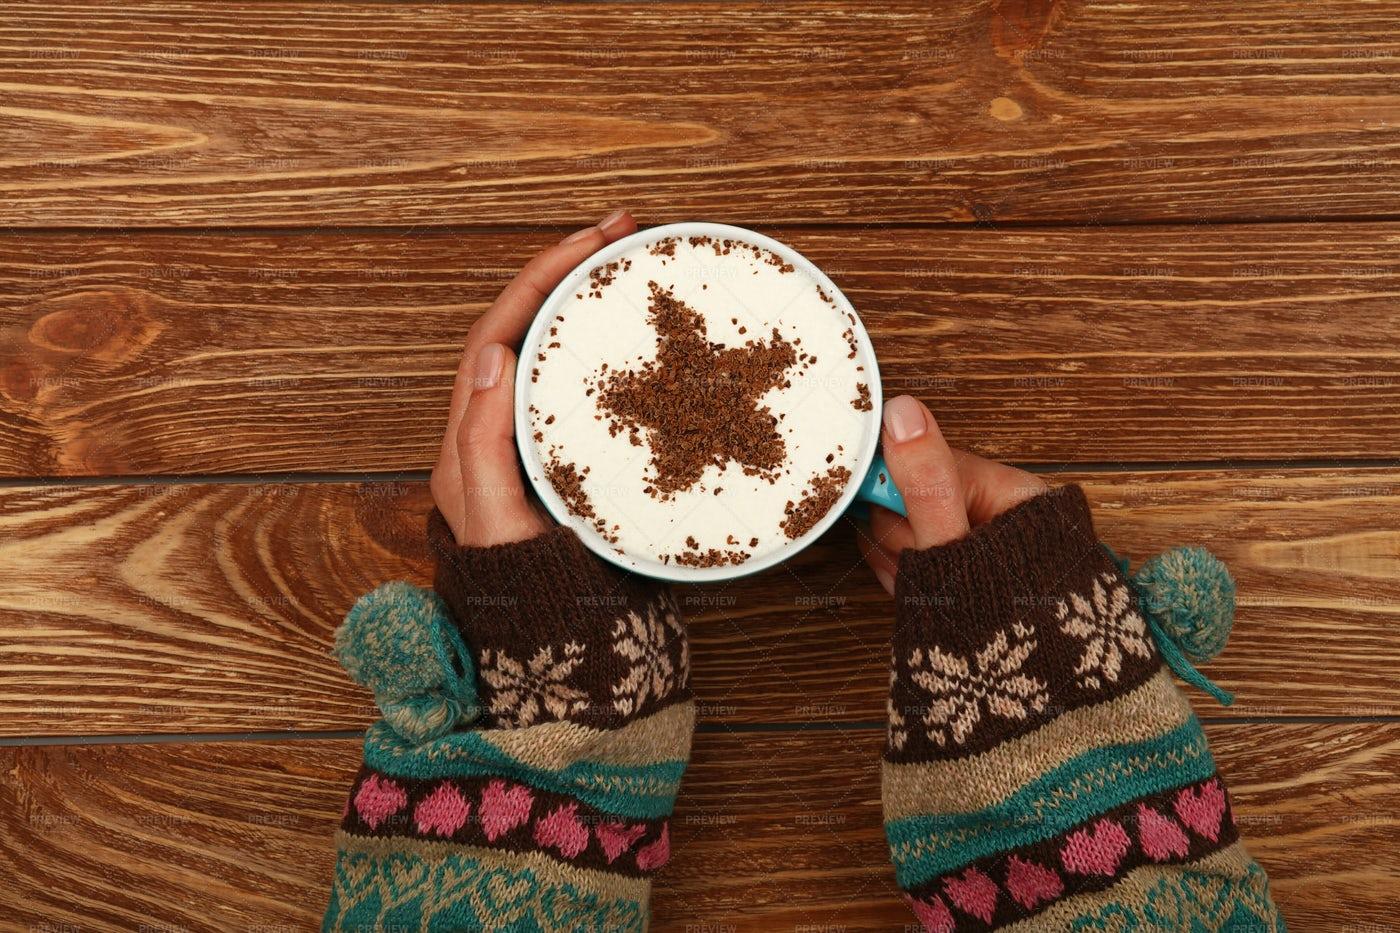 Hands Holding A Cappuccino: Stock Photos